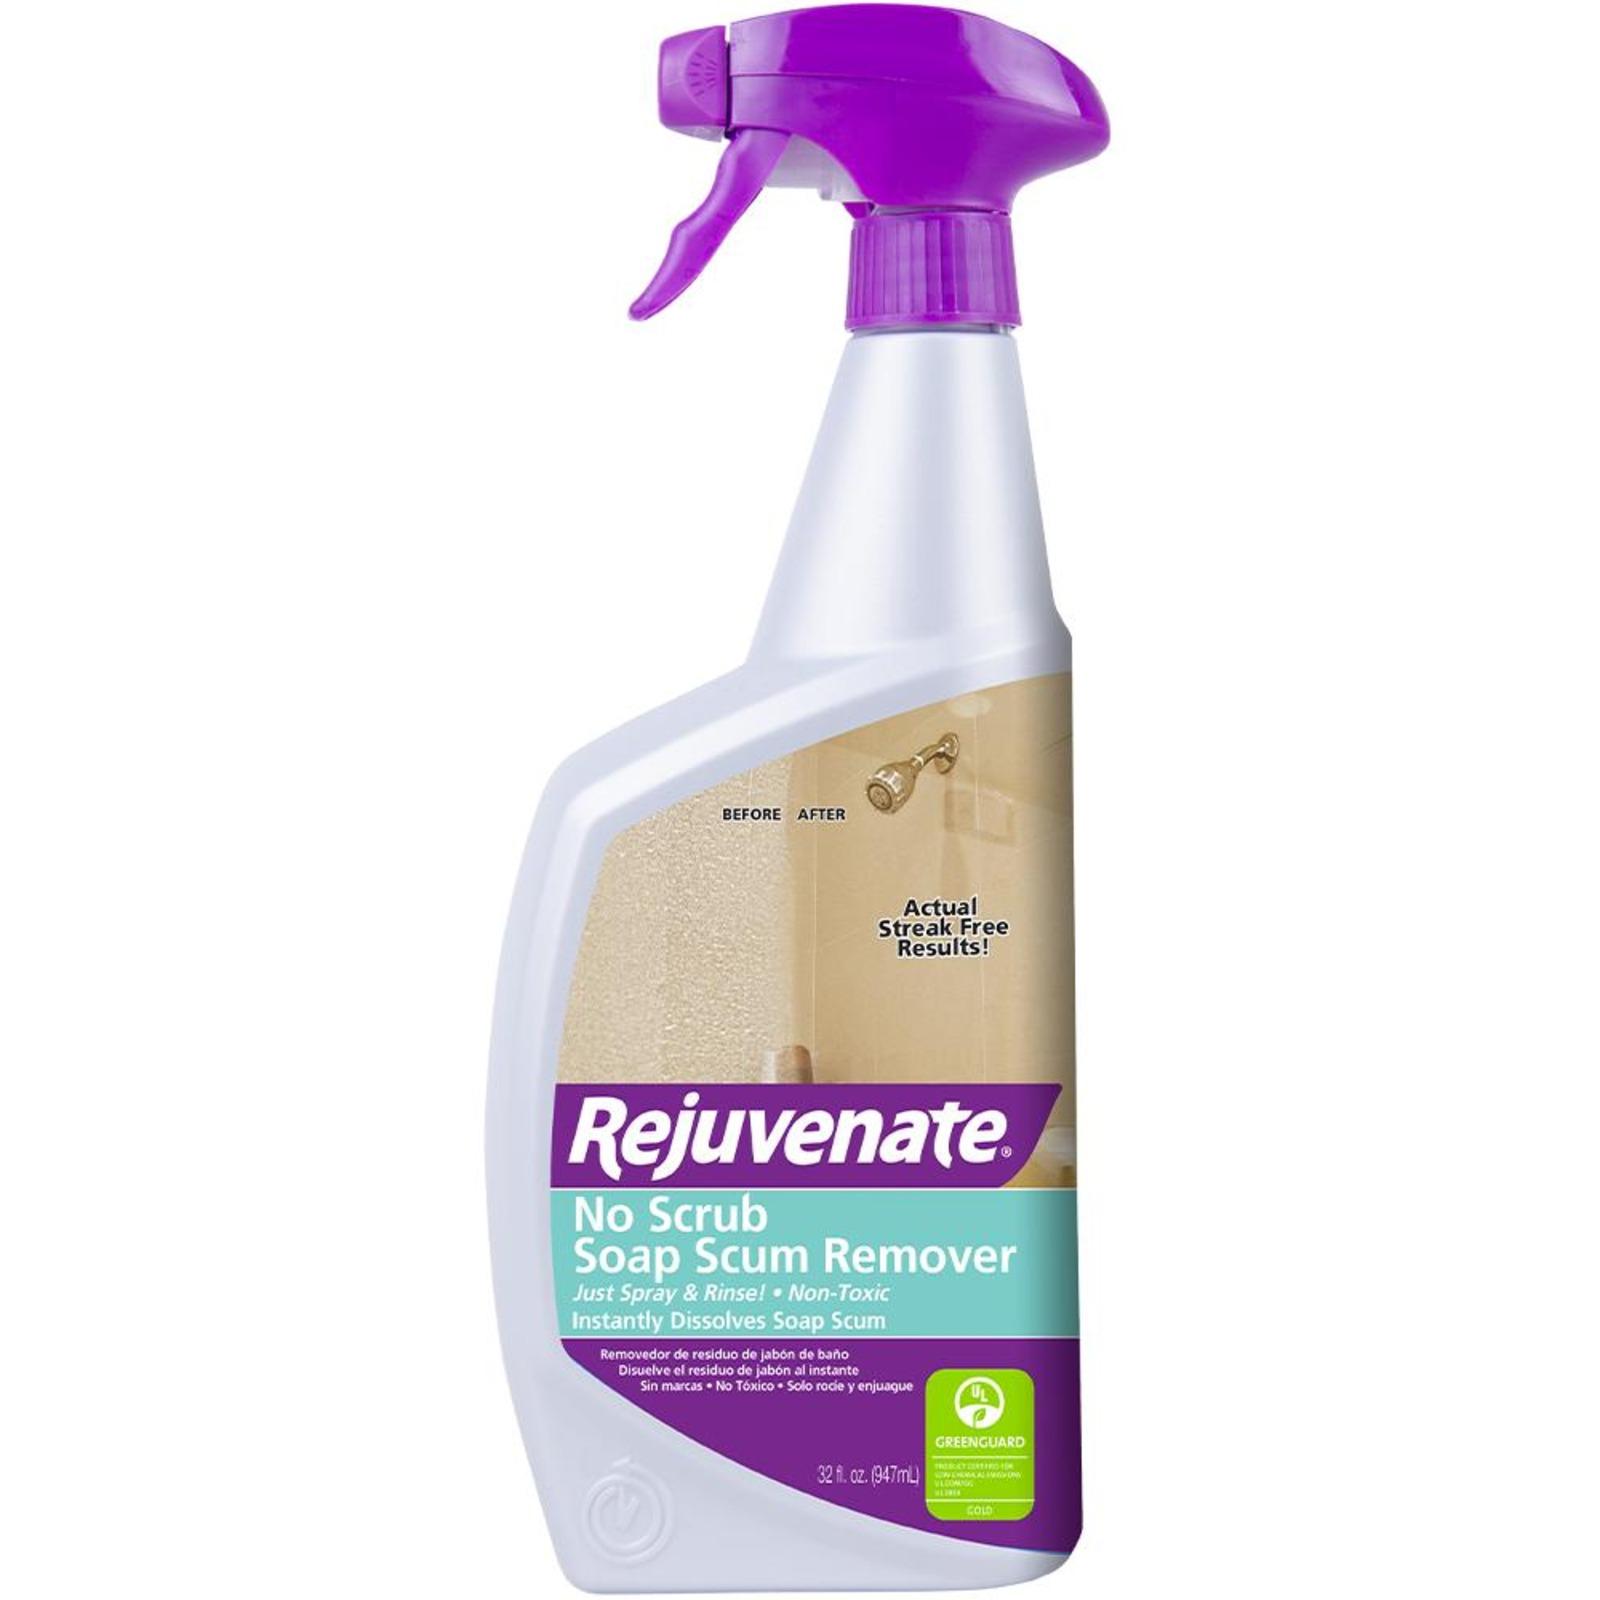 Rejuvenate Soap Scum Remover 054651